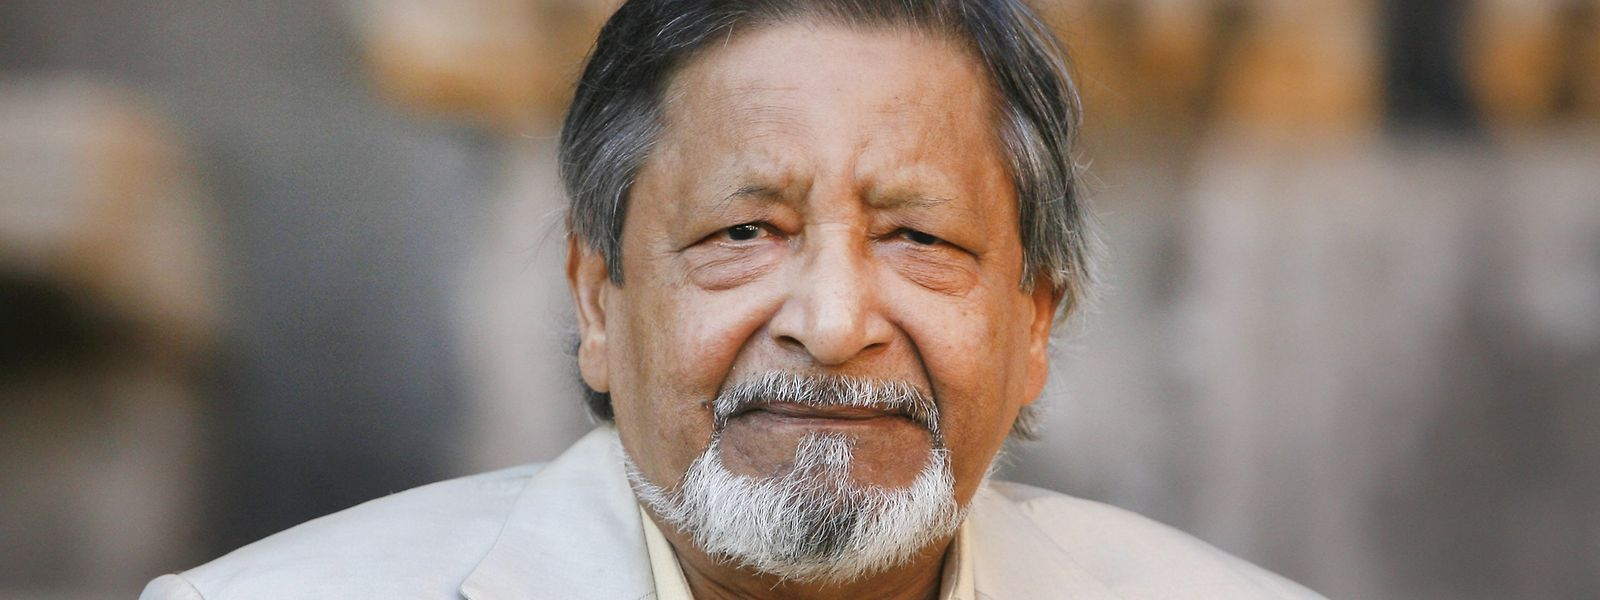 Der indische Schriftsteller Vidiadhar Surajprasad Naipaul 2008 während des Literaturfestivals in Rom. Der Autor sei im Alter von 85 Jahren am Samstag friedlich gestorben.